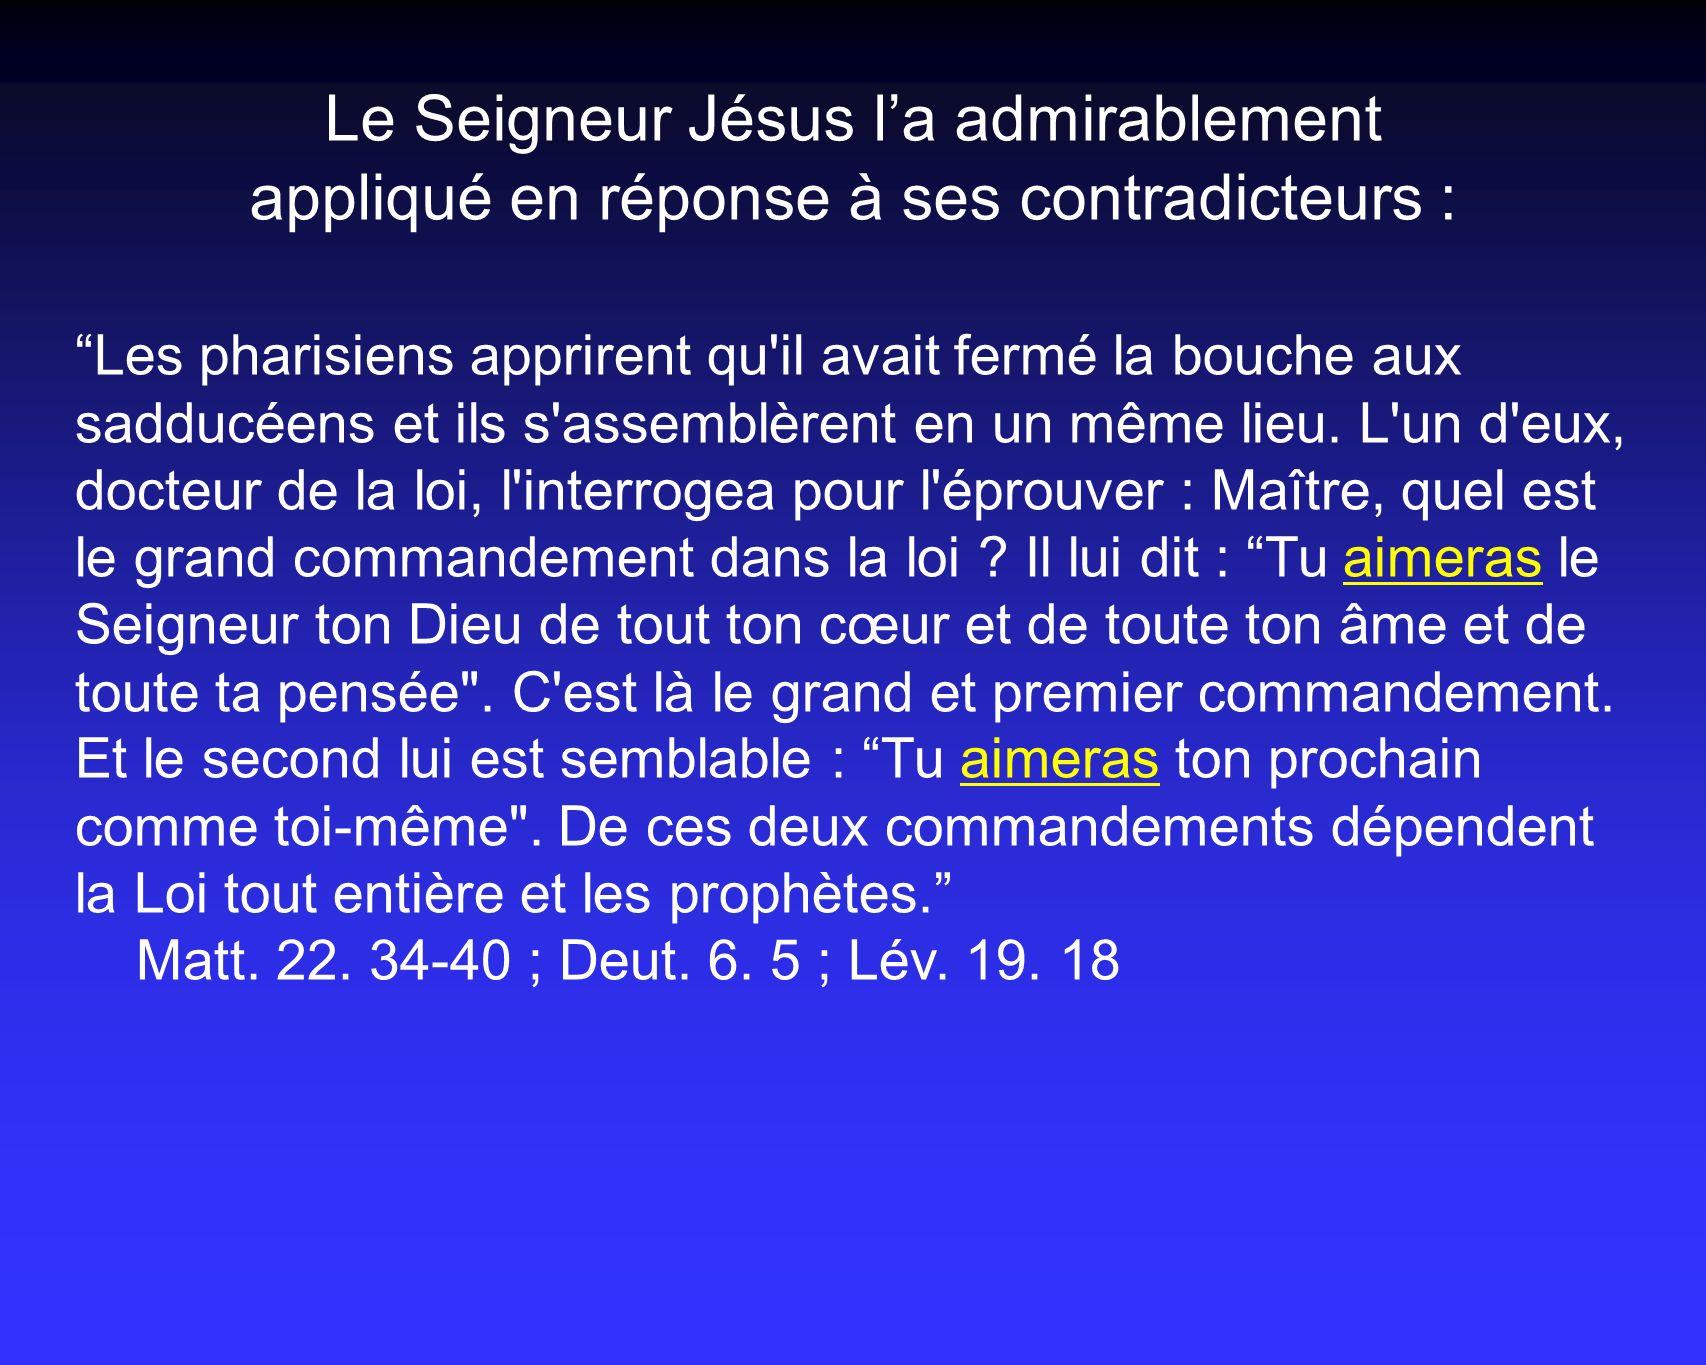 Le Seigneur Jésus l'a admirablement appliqué en réponse à ses contradicteurs :